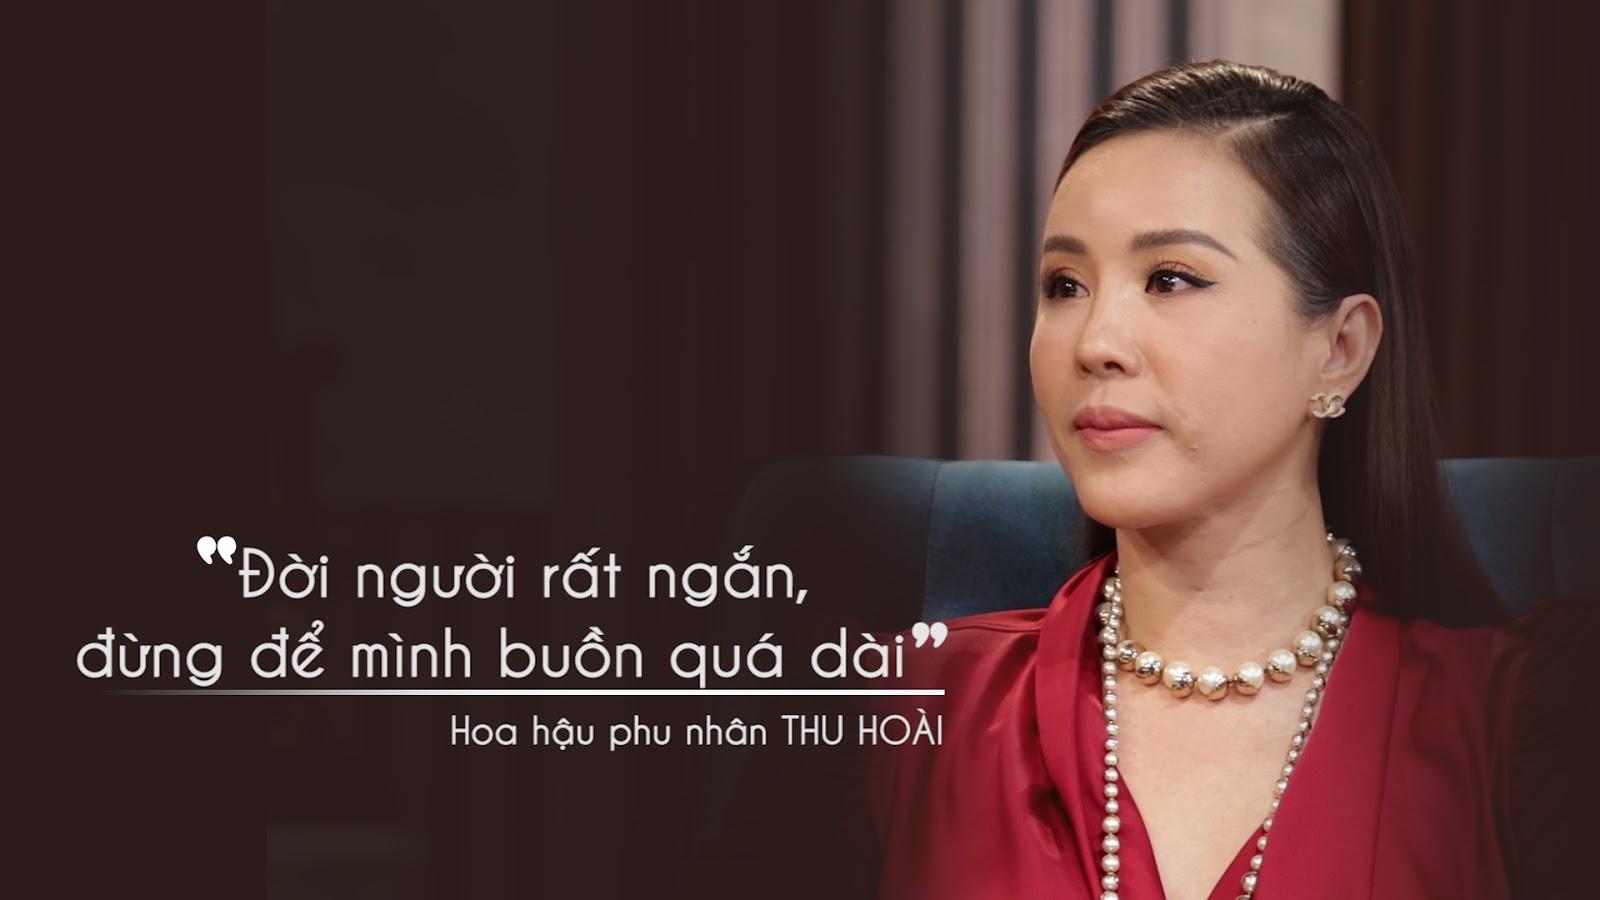 Hoa hậu Thu Hoài: 40 tuổi, trải qua 4 cuộc tình thì còn quá ít - Hình 5